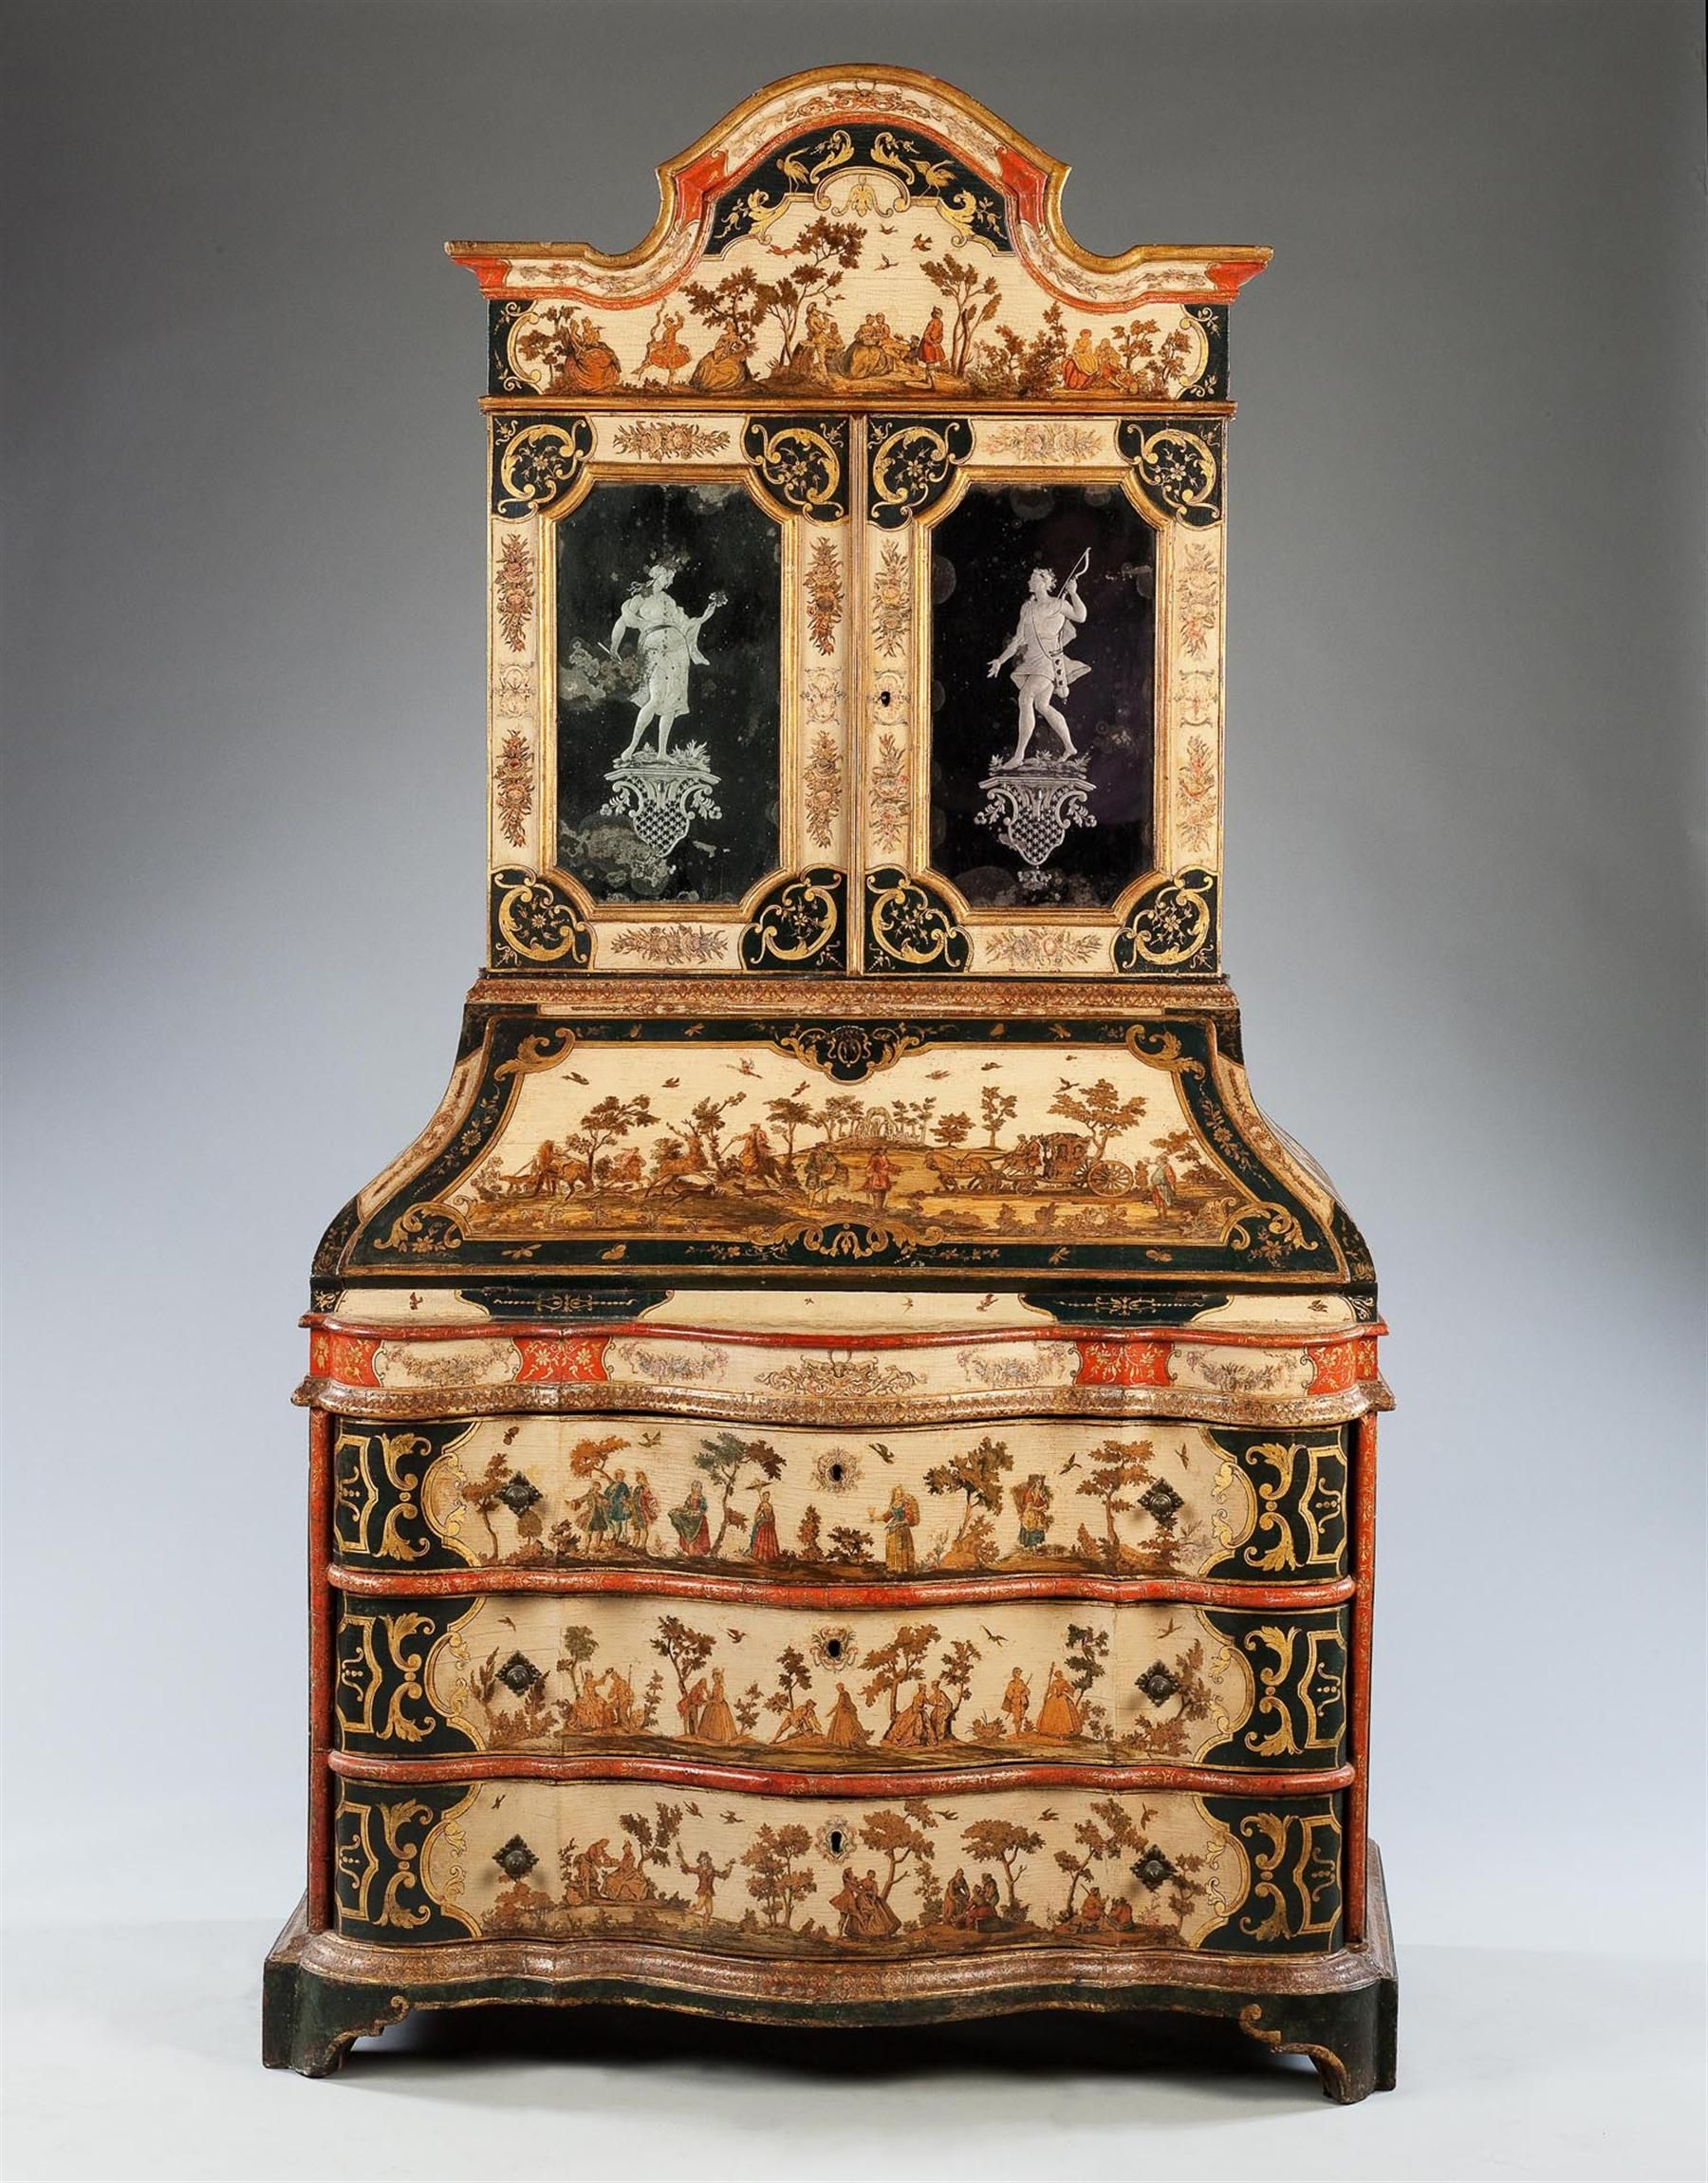 Uno de los primeros del siglo 18 el arte povera mesa para libros mallett antiques petit muebles - Muebles el siglo ...